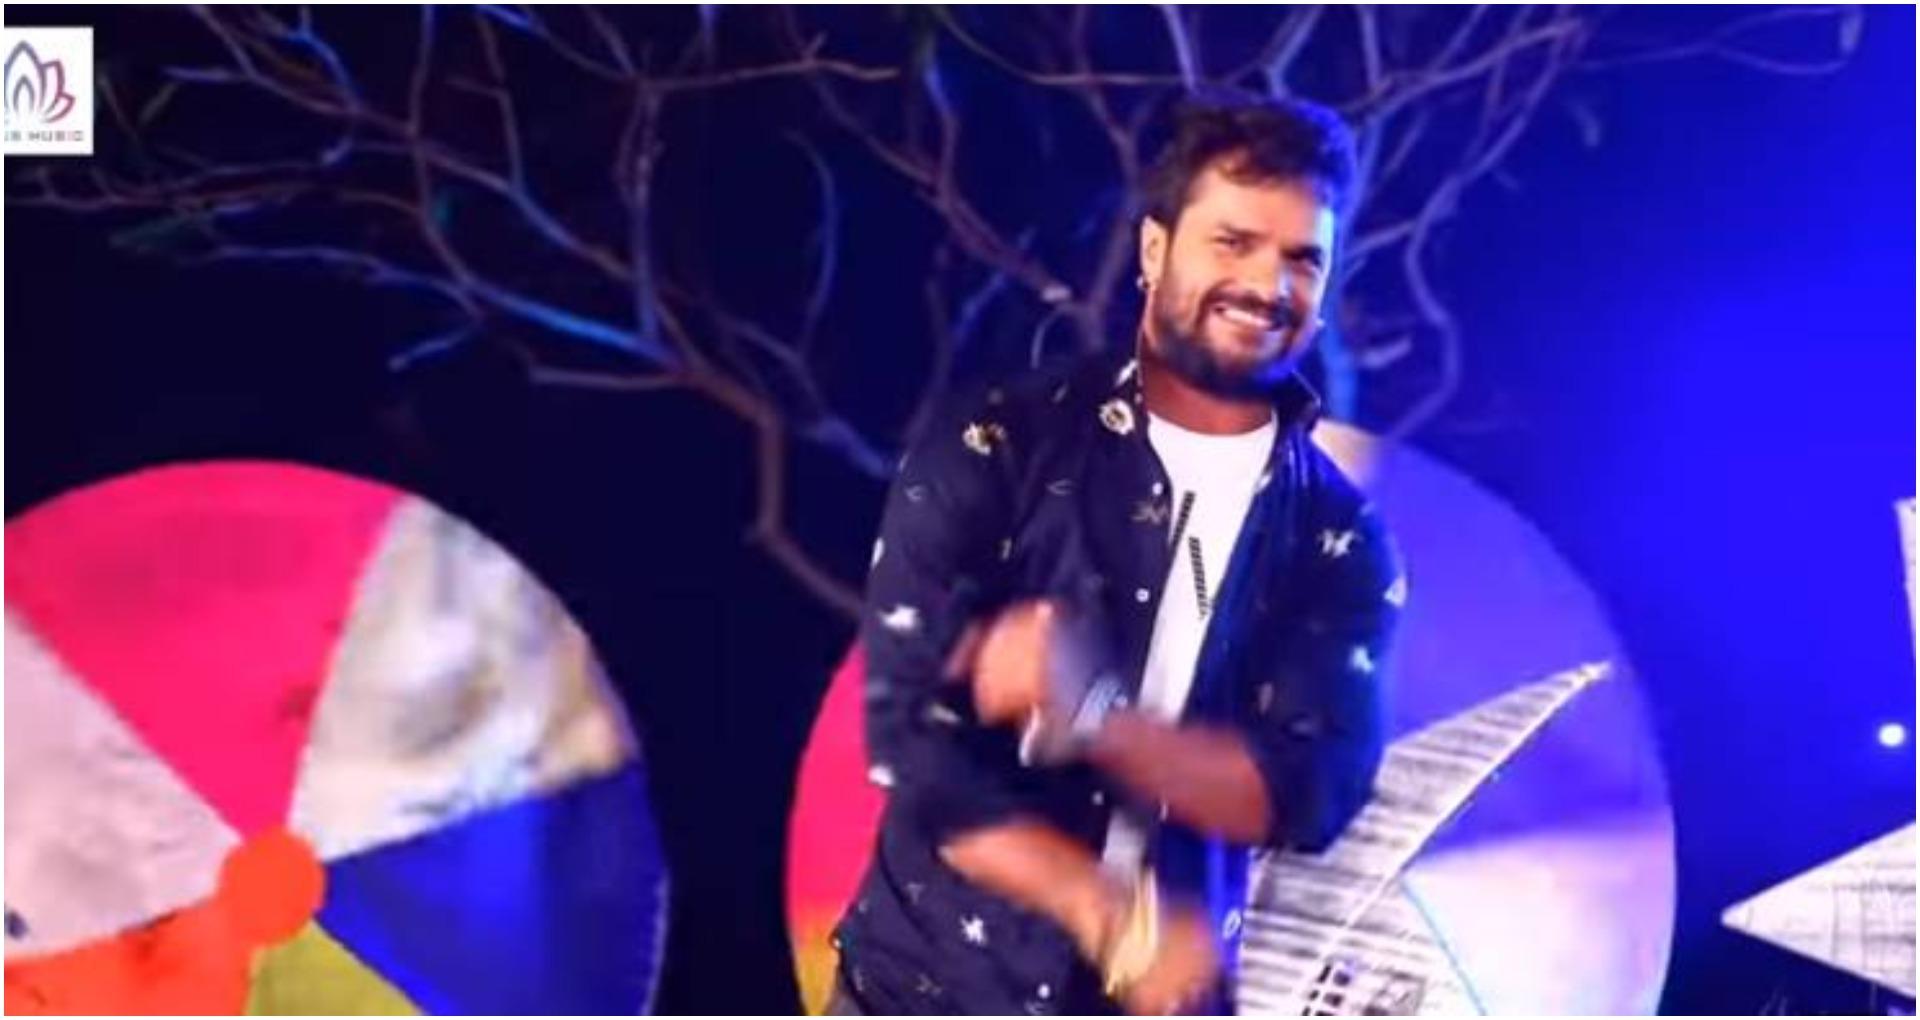 Bhojpuri Holi Song 2020: खेसारी लाल यादव का नया गानालहंगा भइल महंगा होली में आया सामने, देखें वीडियो